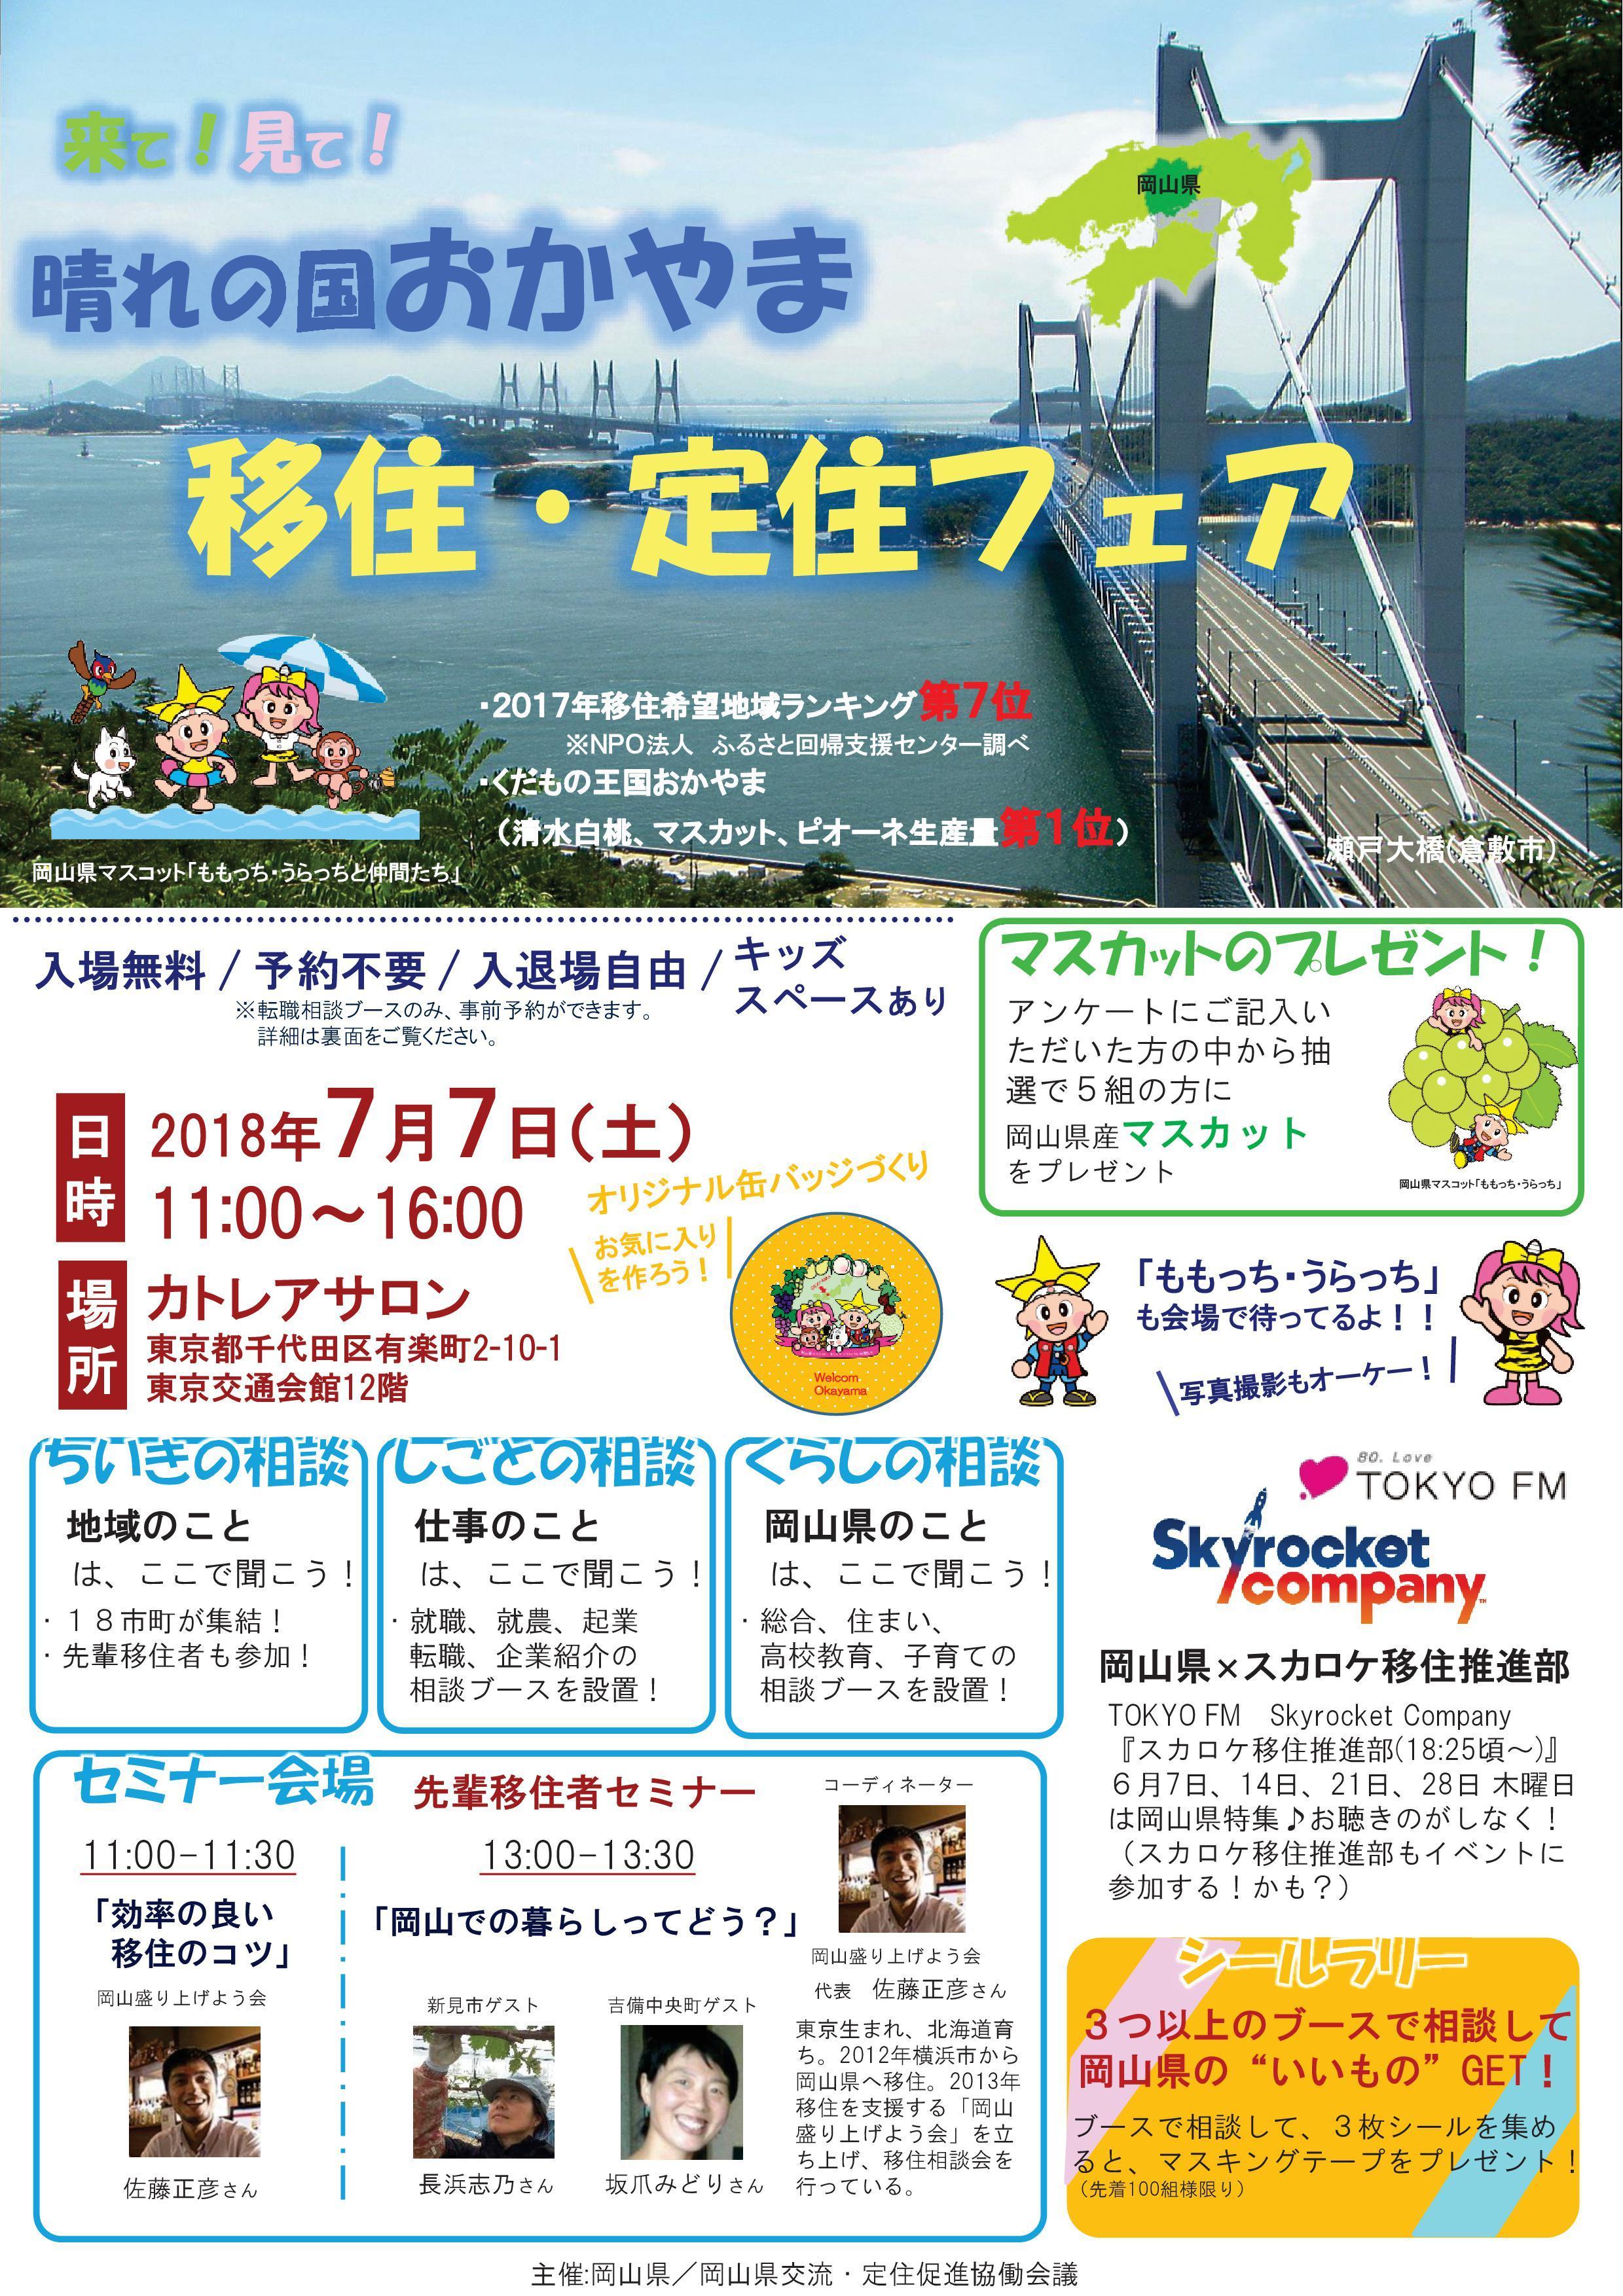 2018年7月7日(土)晴れの国おかやま 移住・定住フェアに津山市も参加します